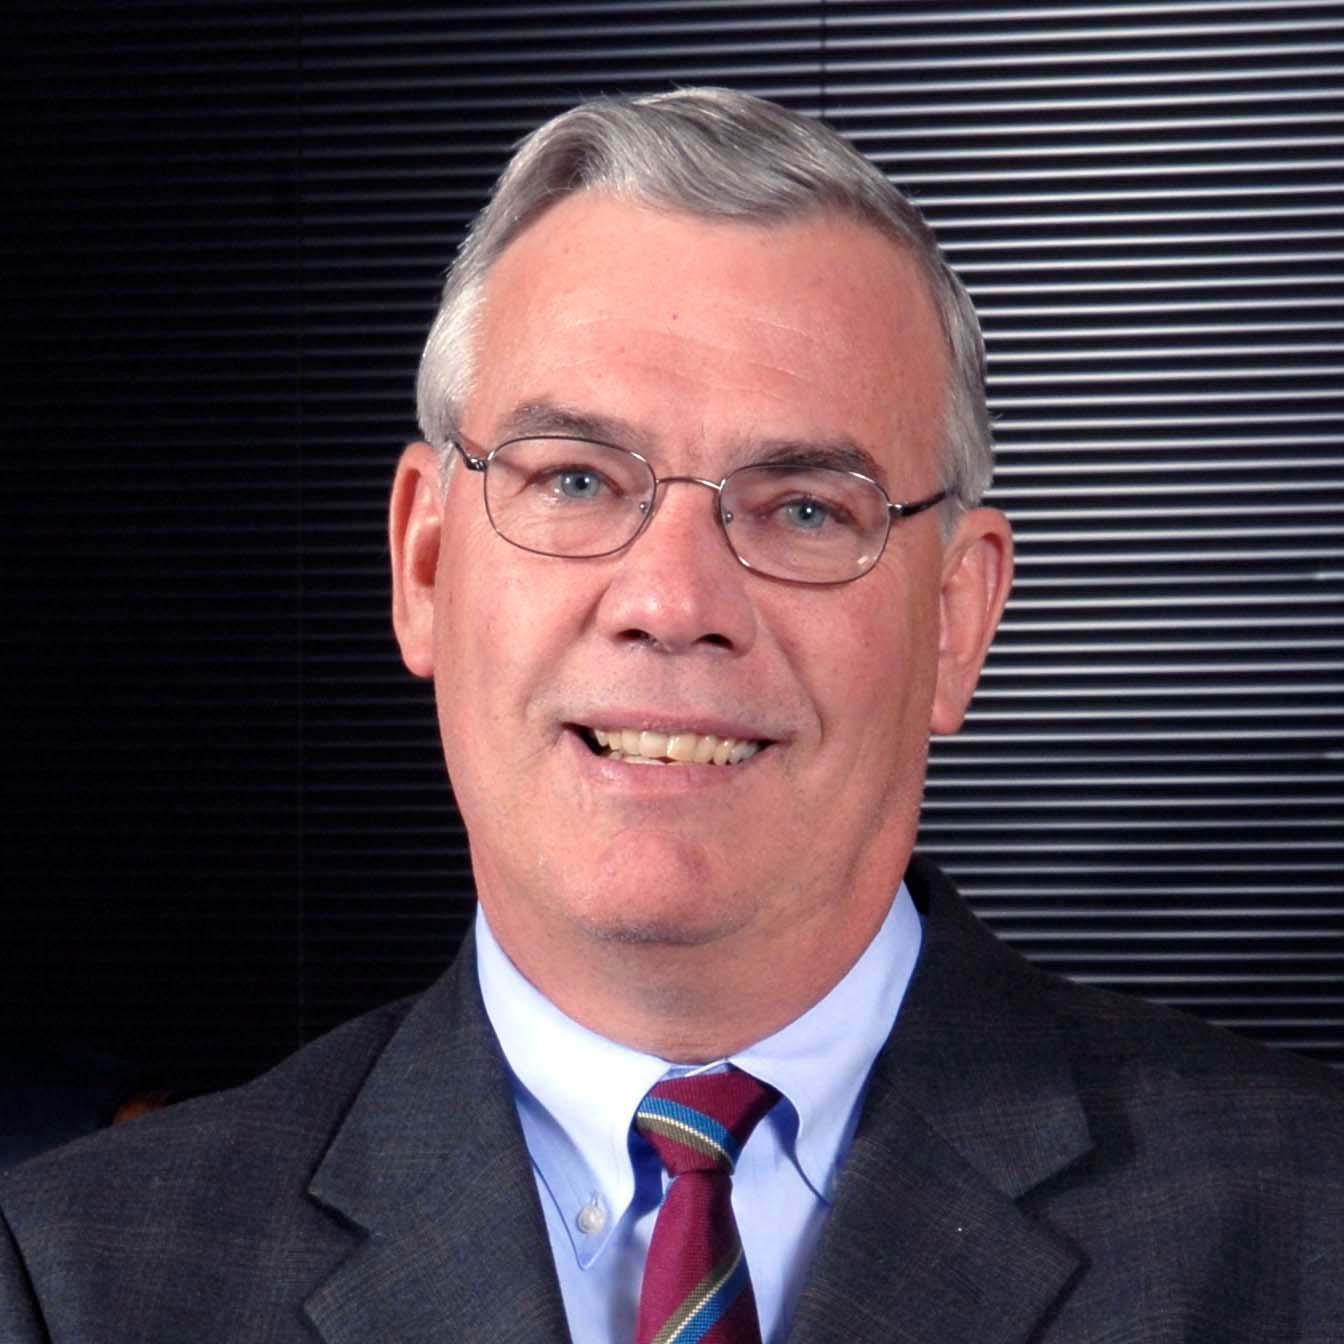 Mayor Patrick Quinn